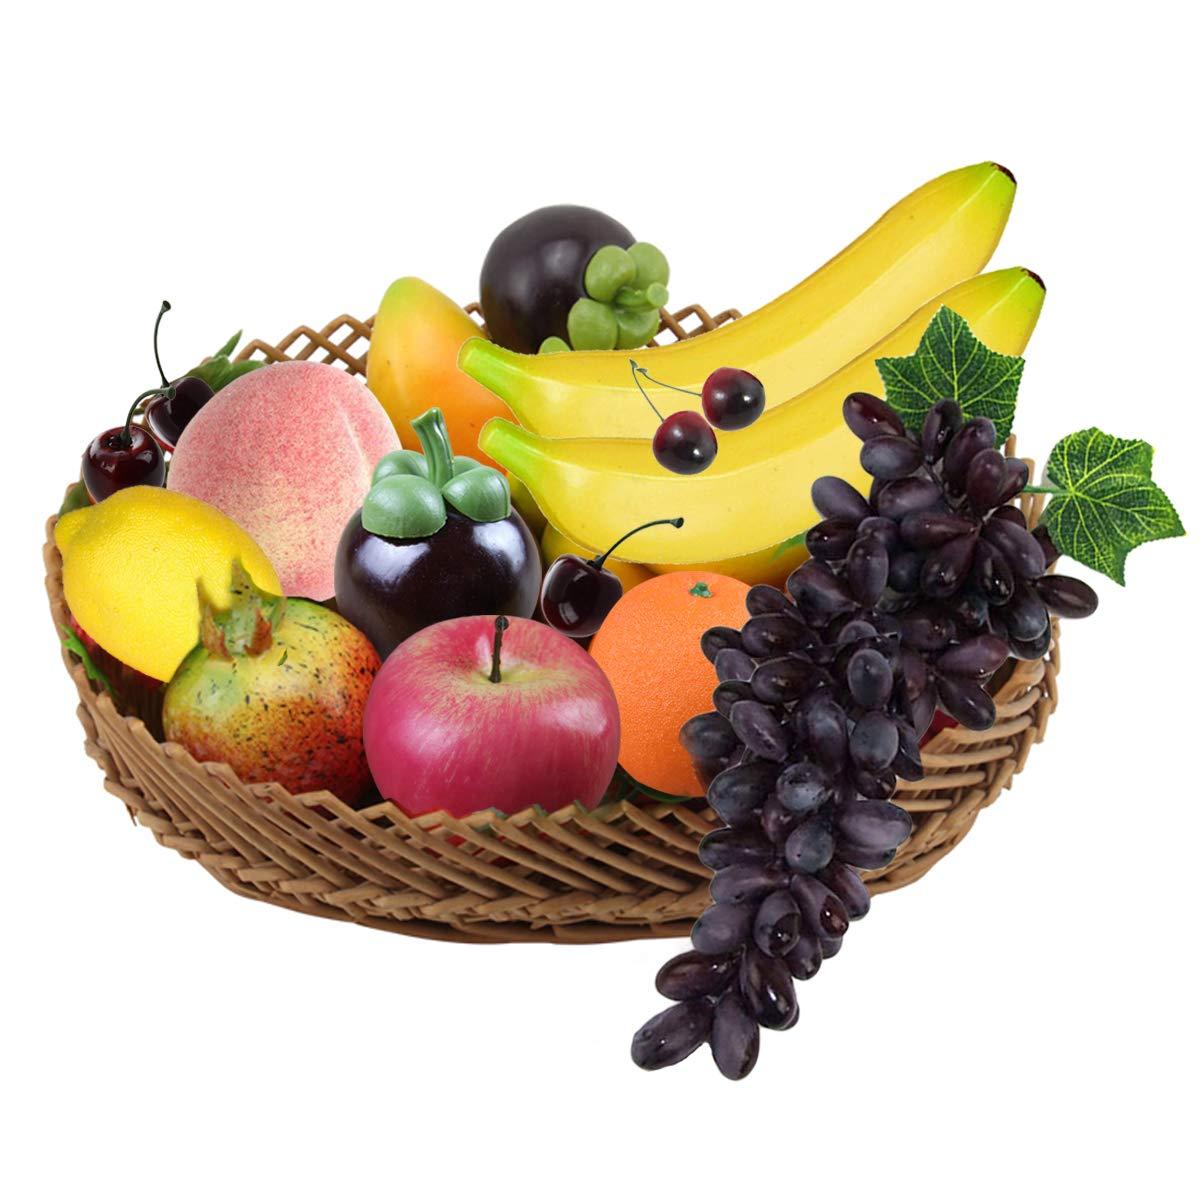 2014e3207f65 Am besten bewertete Produkte in der Kategorie Künstliche Früchte ...